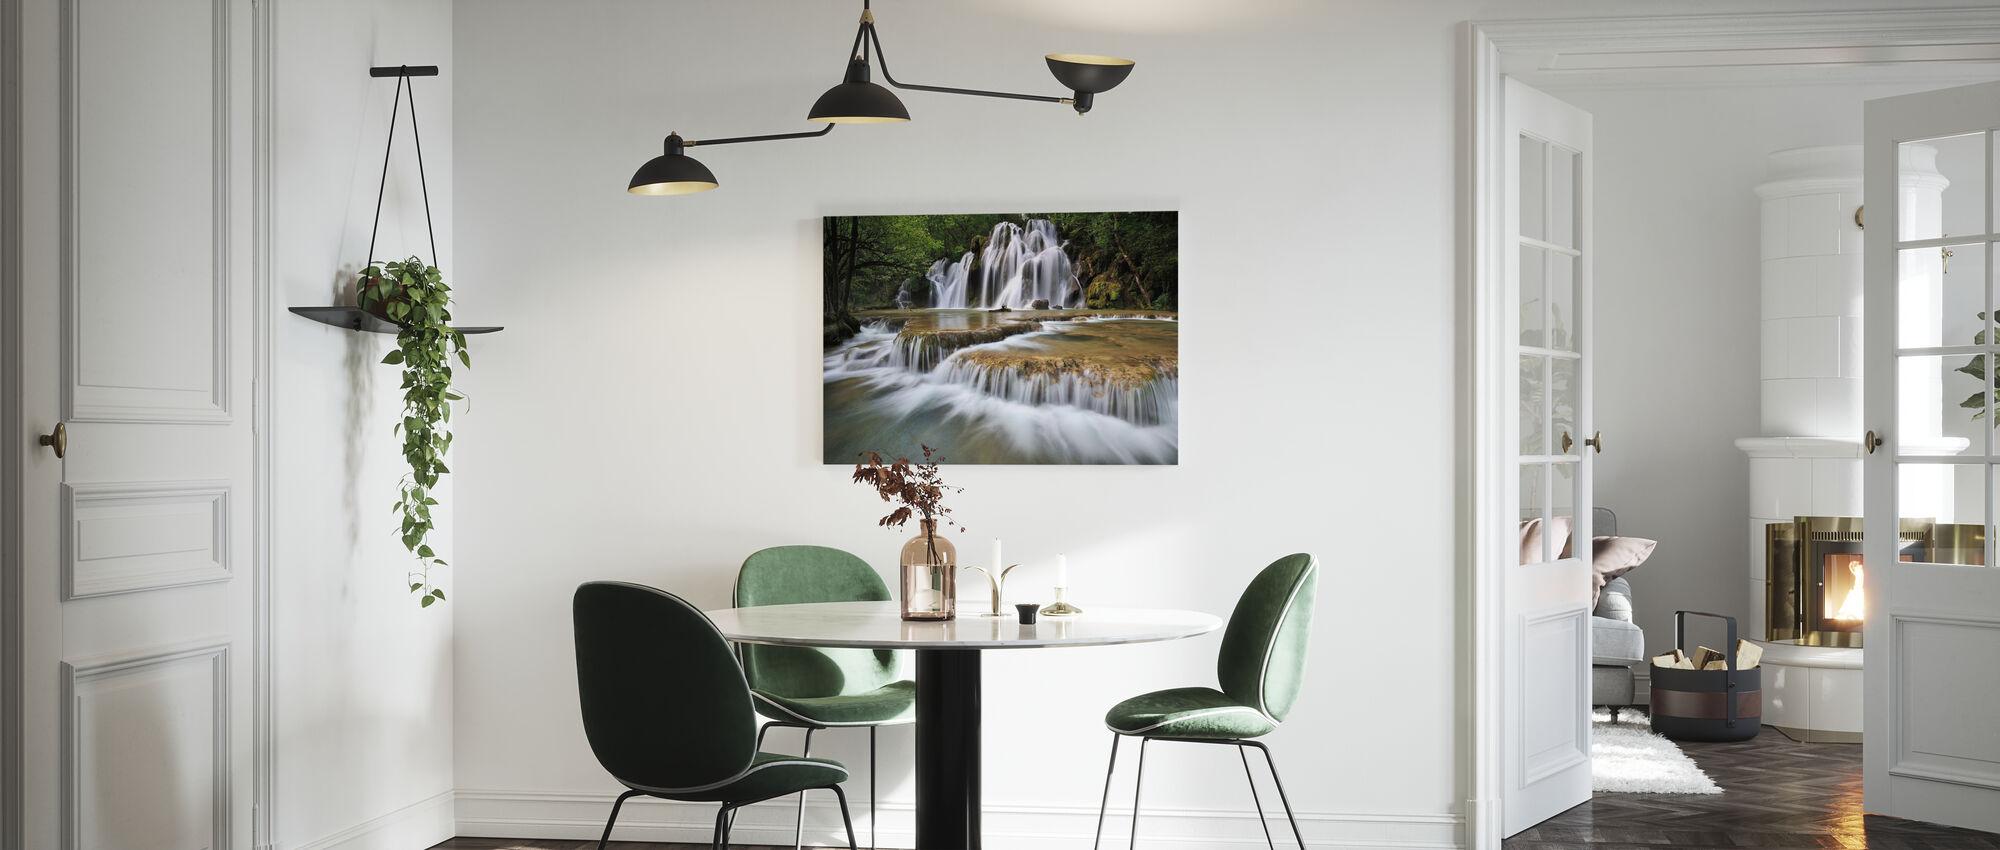 Flödande vatten i Frankrike - Canvastavla - Kök